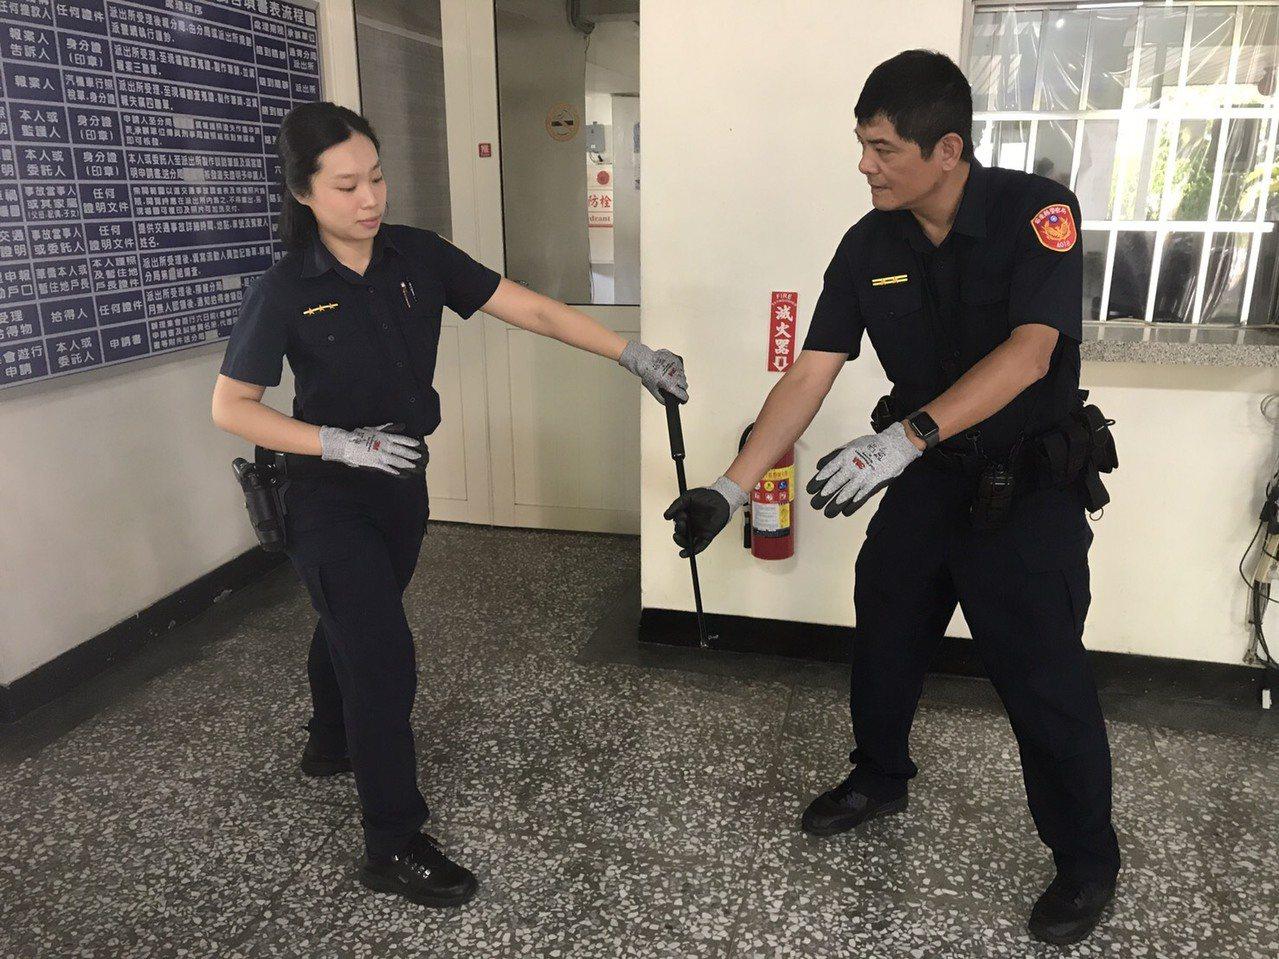 苗栗縣警局添購防割手套應勤裝備,提供執勤使用。圖/苗栗縣警局提供